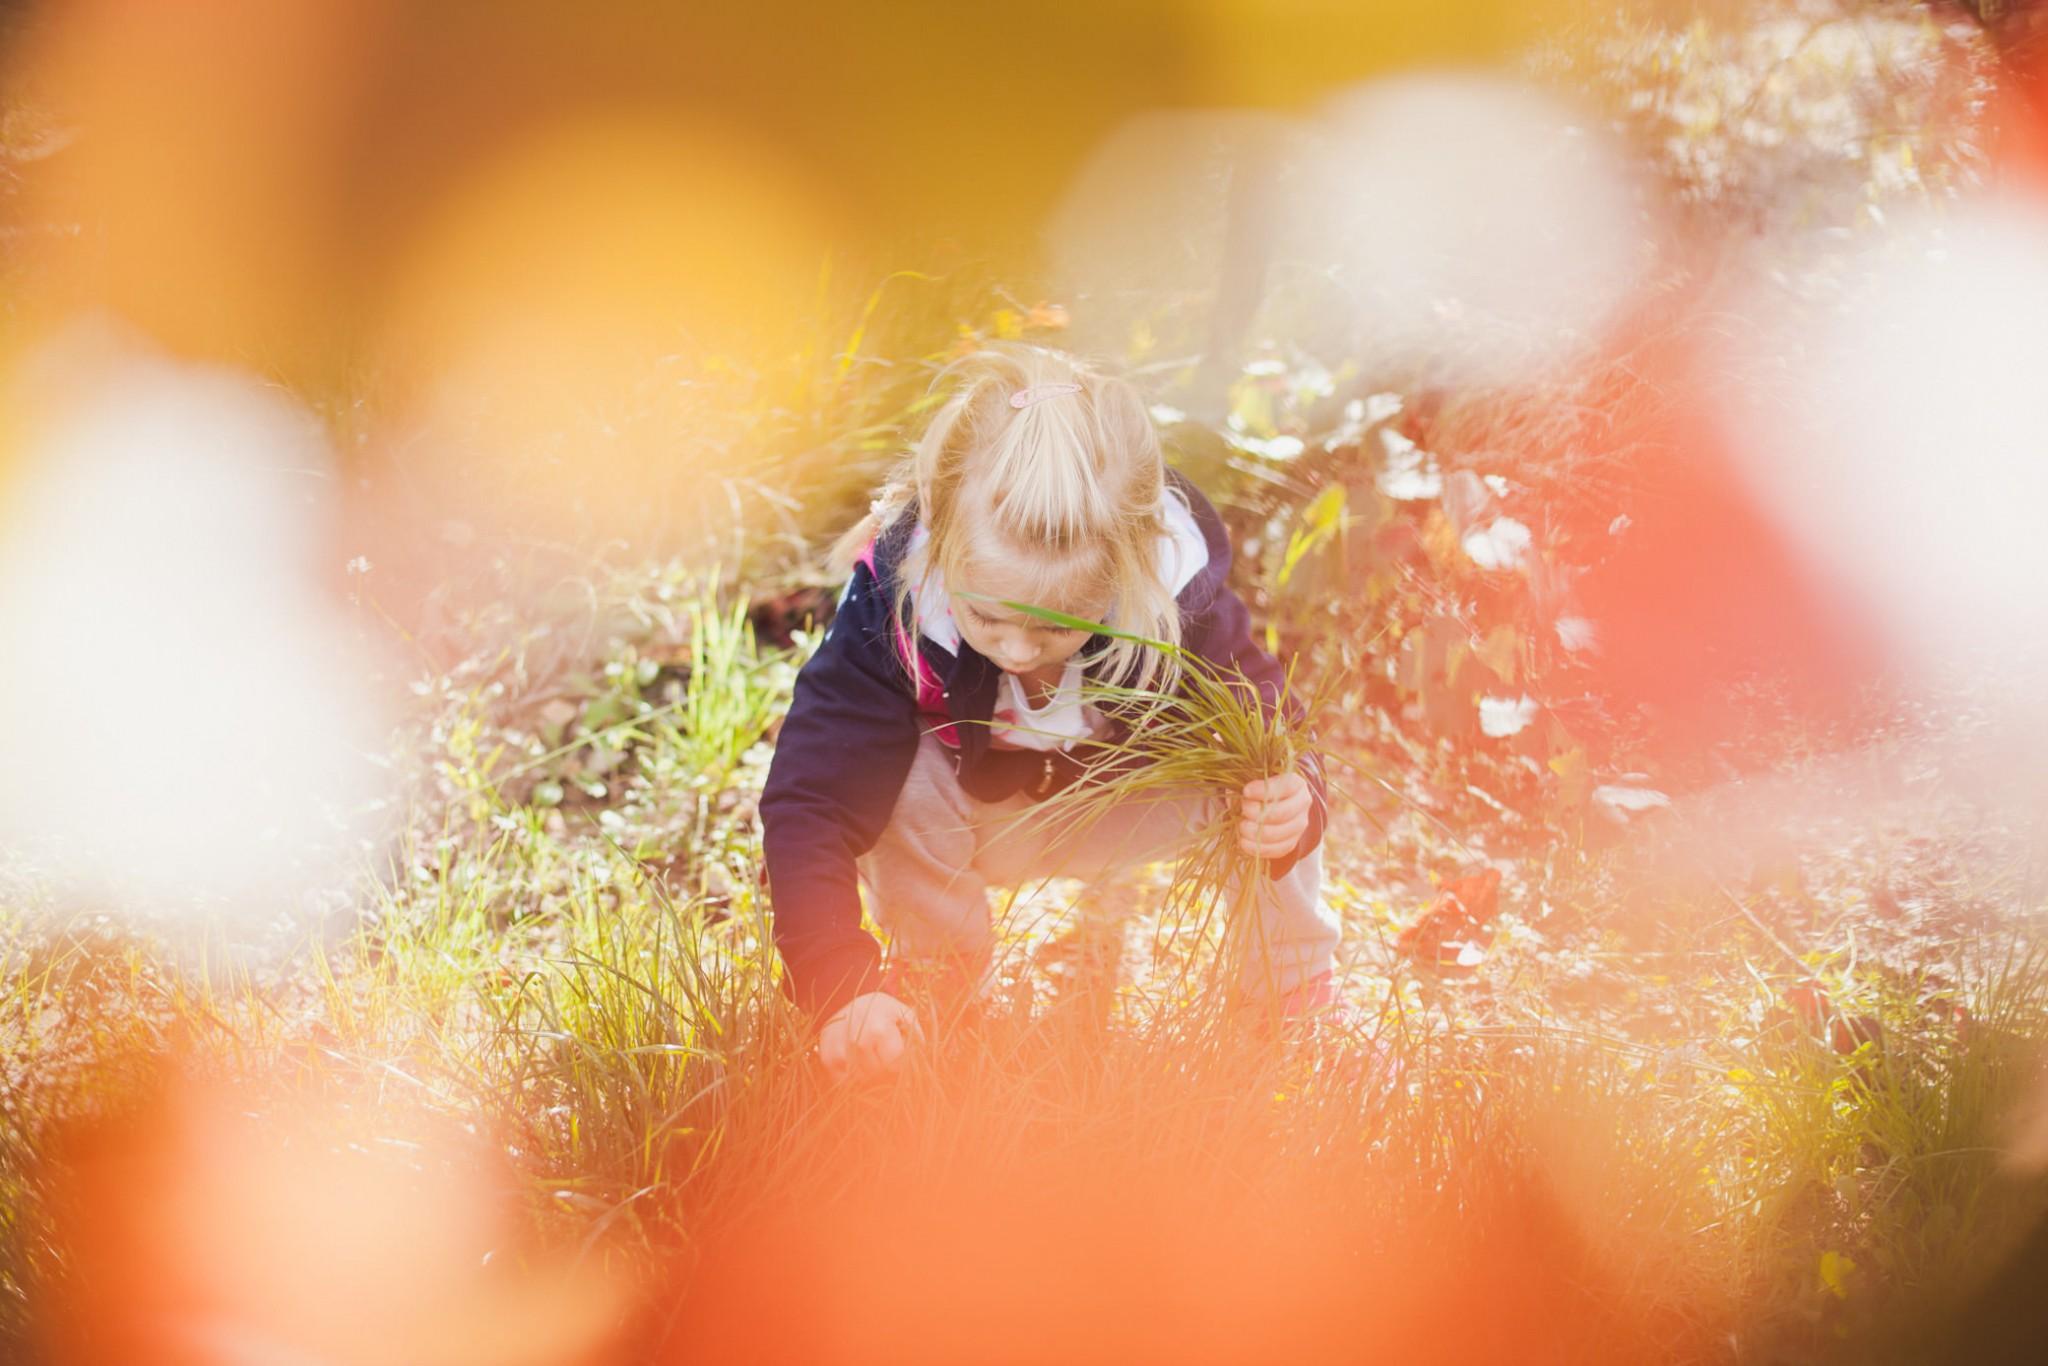 petite-fille-derriere-feuilles-vigne